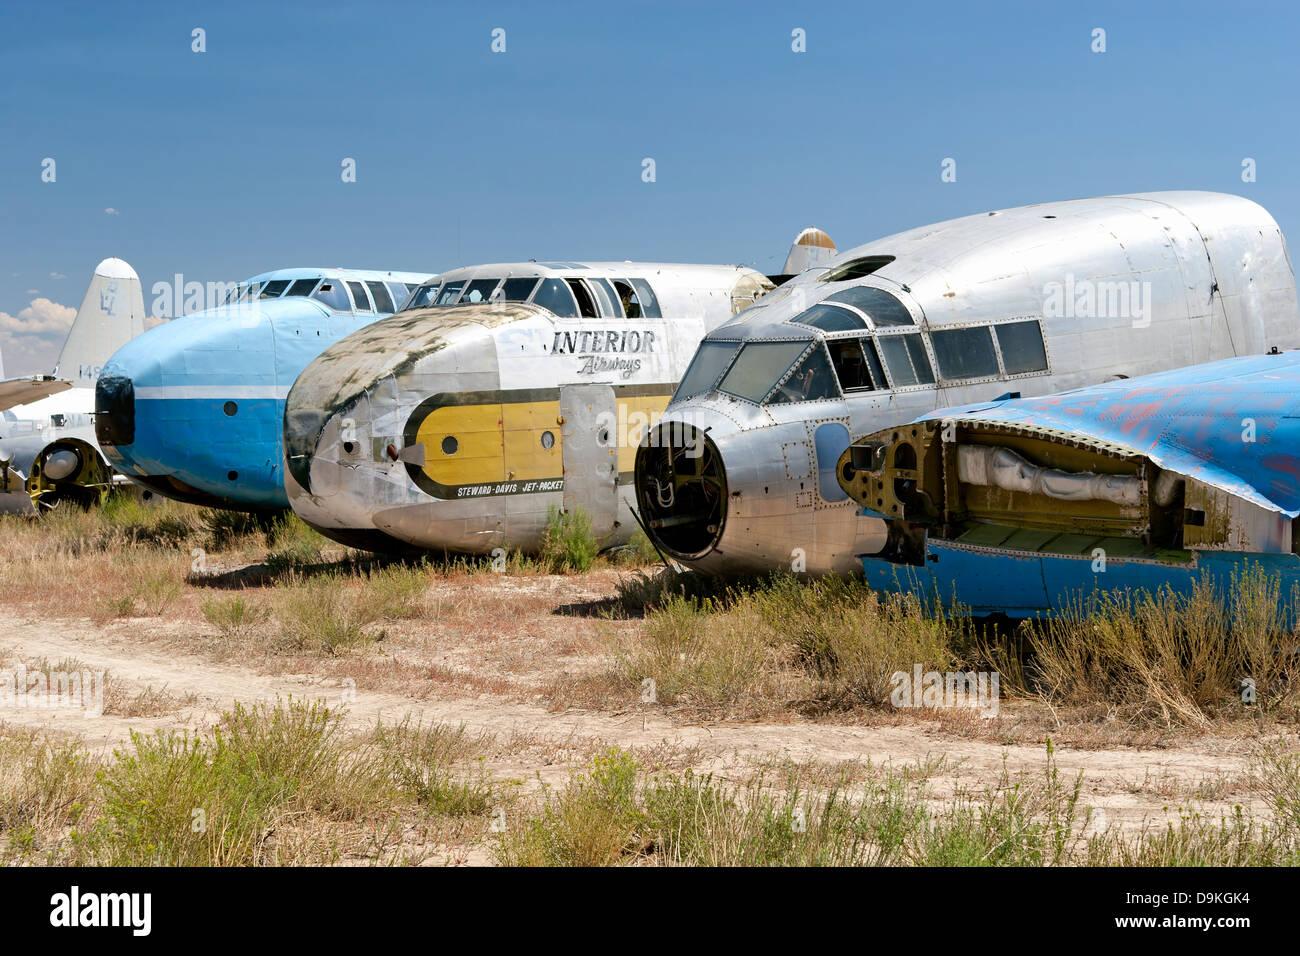 Fairchild C 119 Flying Boxcar Stock Photos & Fairchild C ...